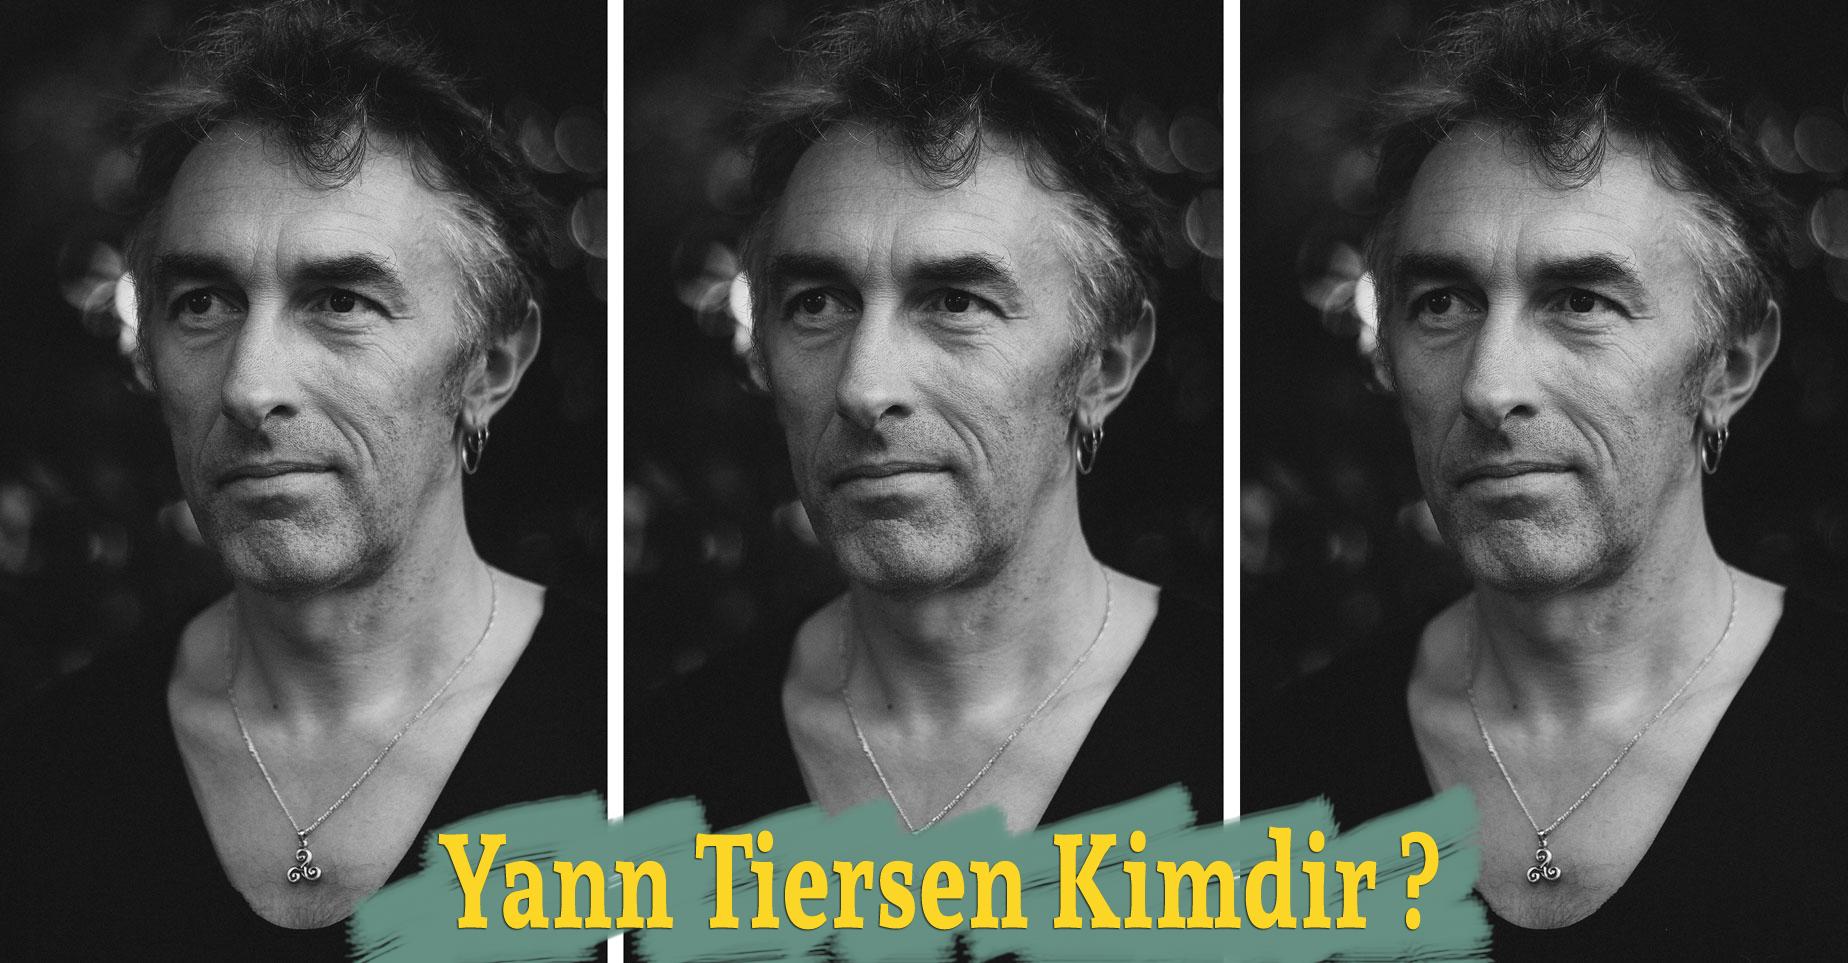 Yann Tiersen Kimdir